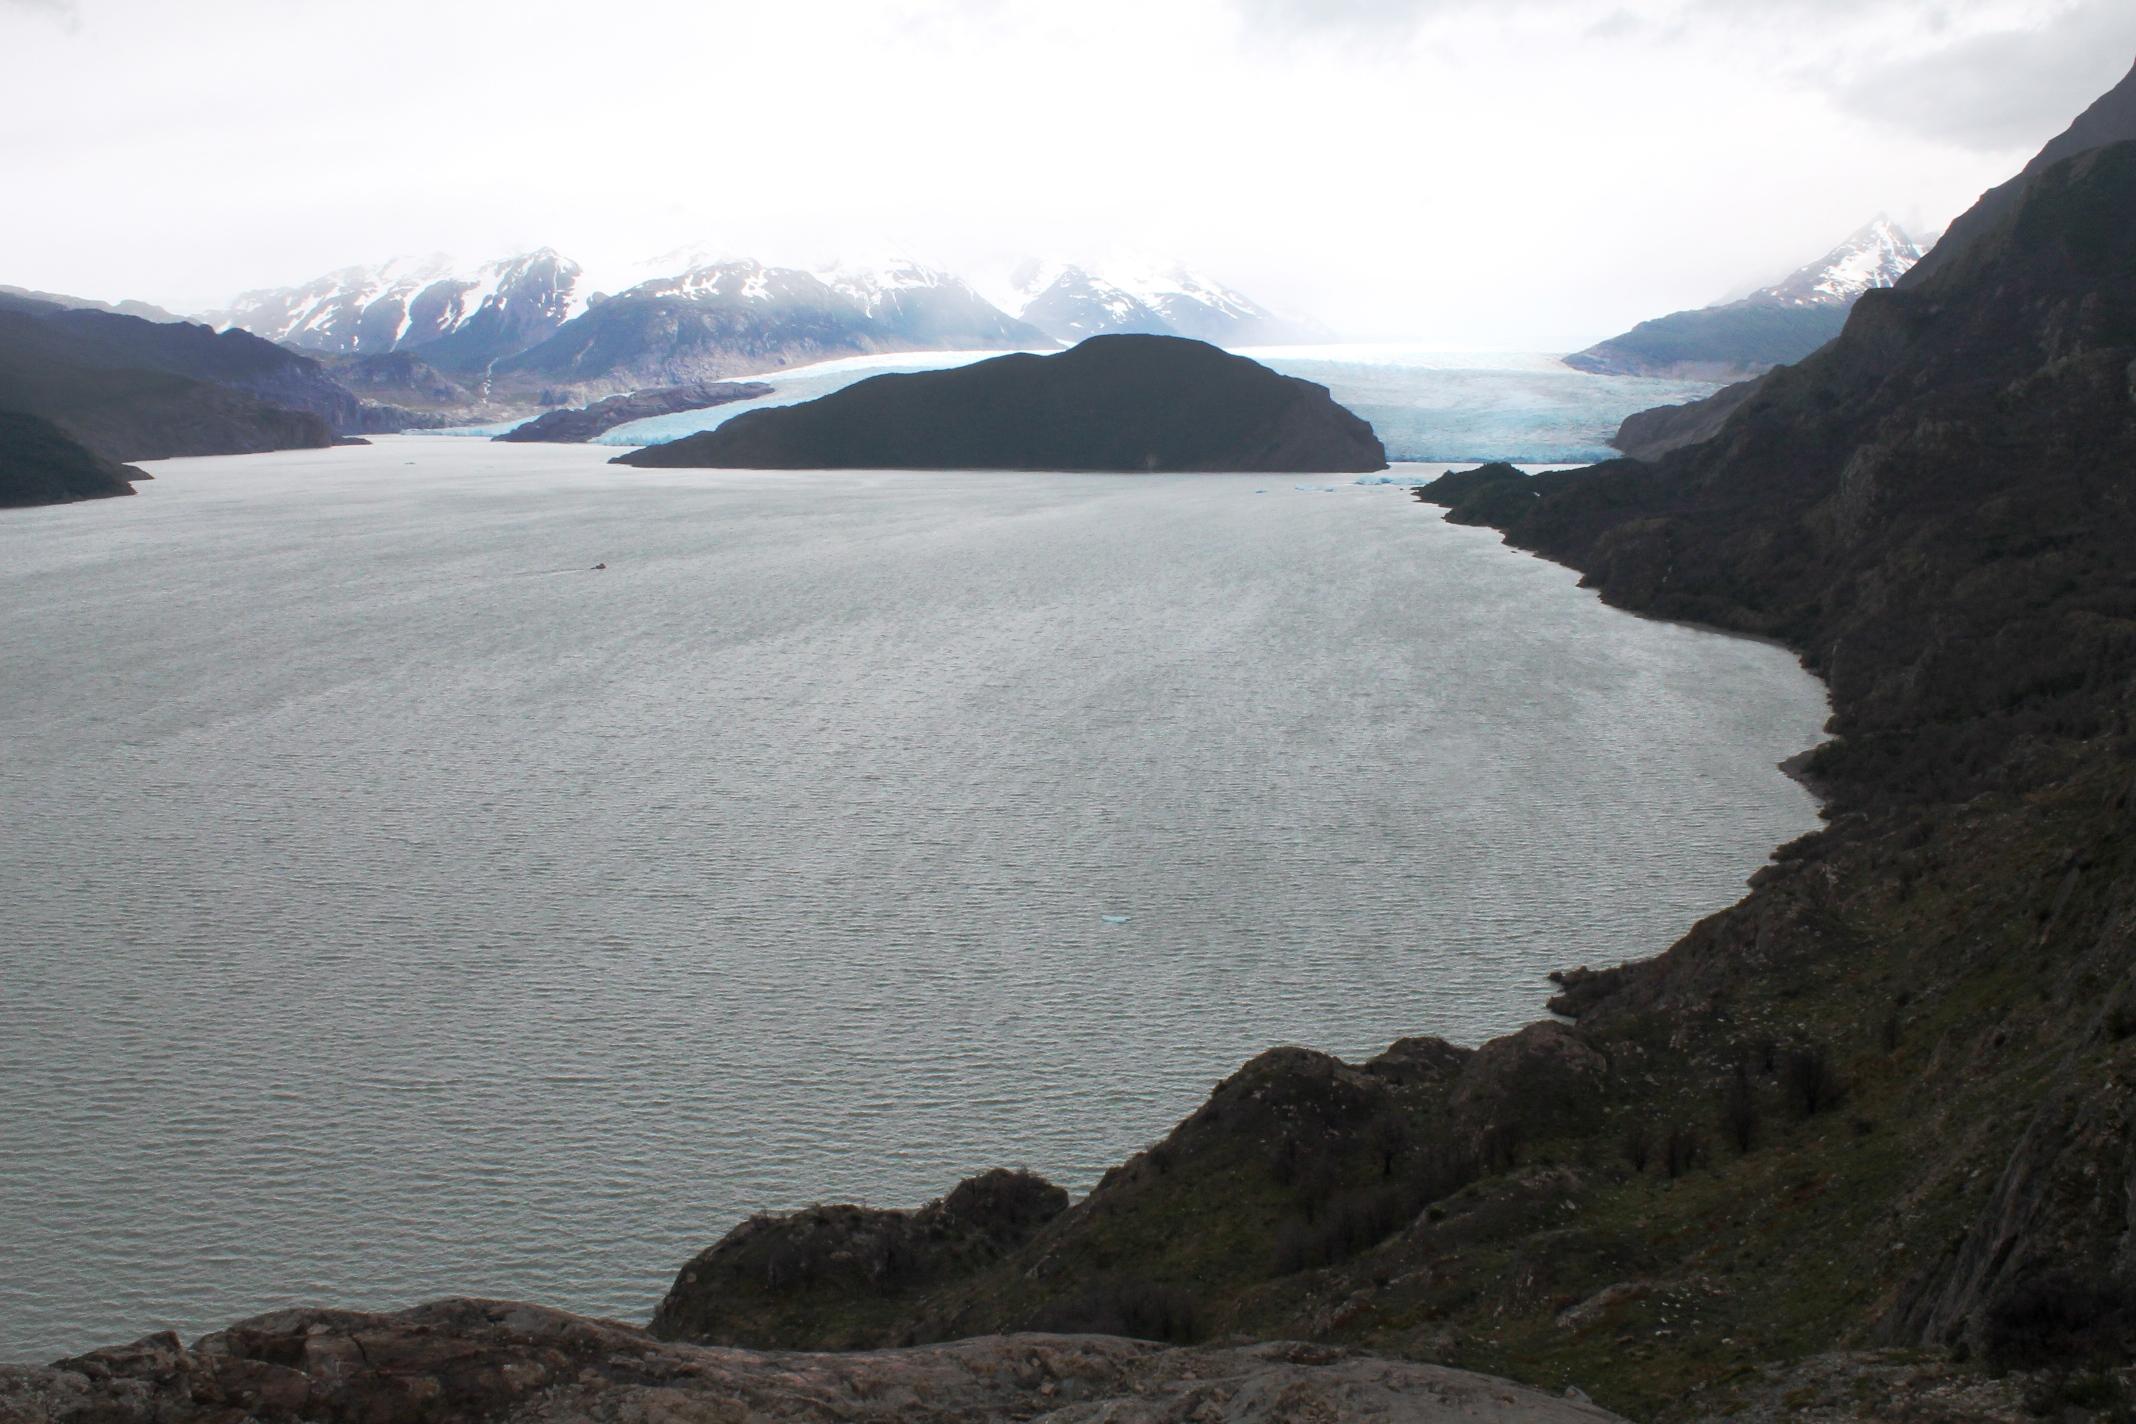 Mirador Grey Torres Del Paine glacier